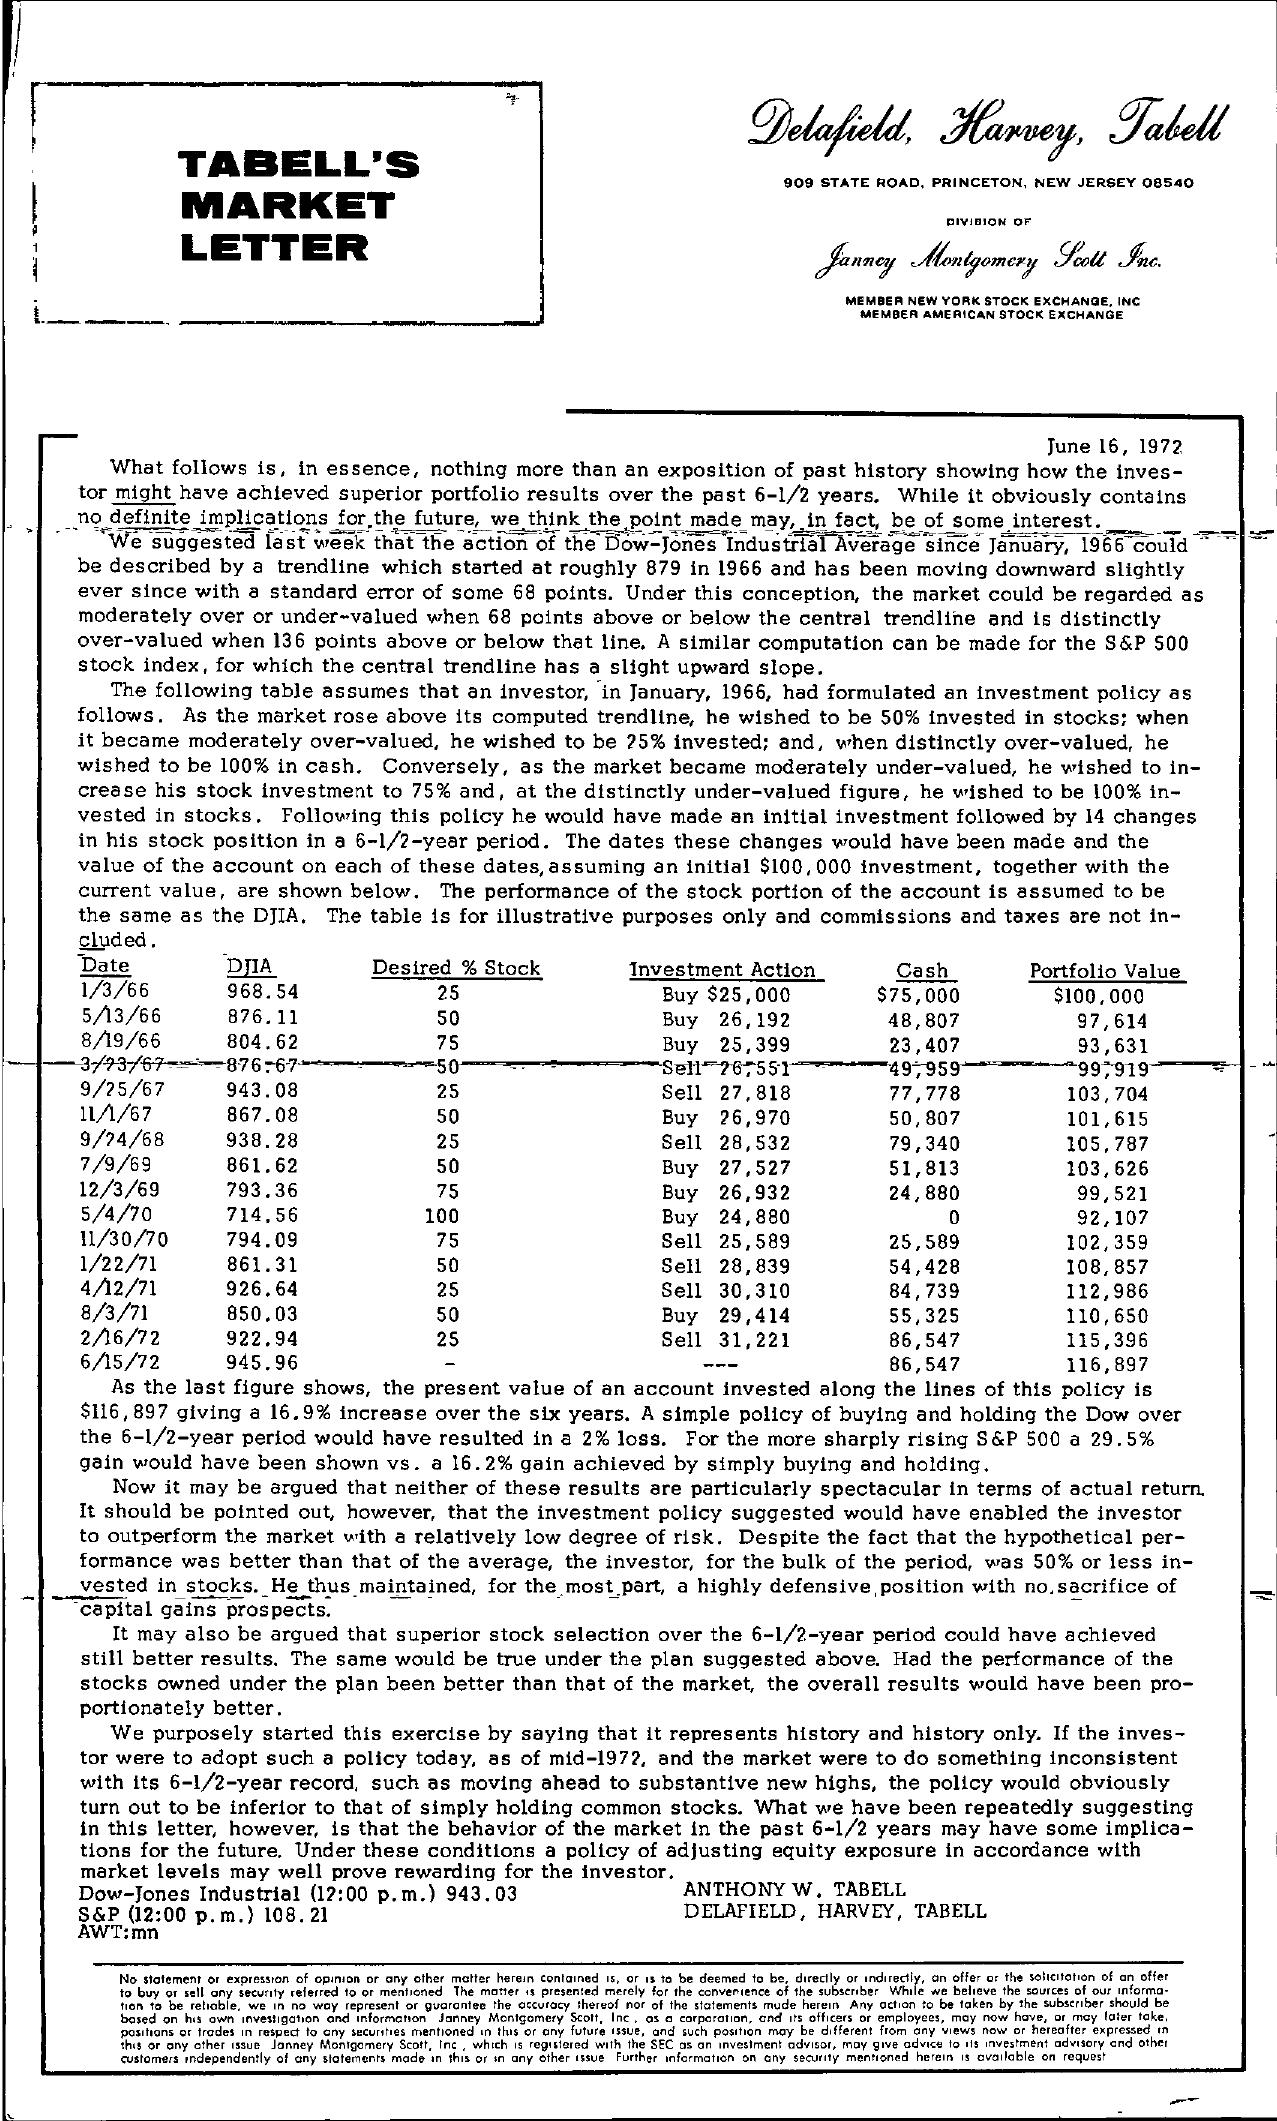 Tabell's Market Letter - June 16, 1972